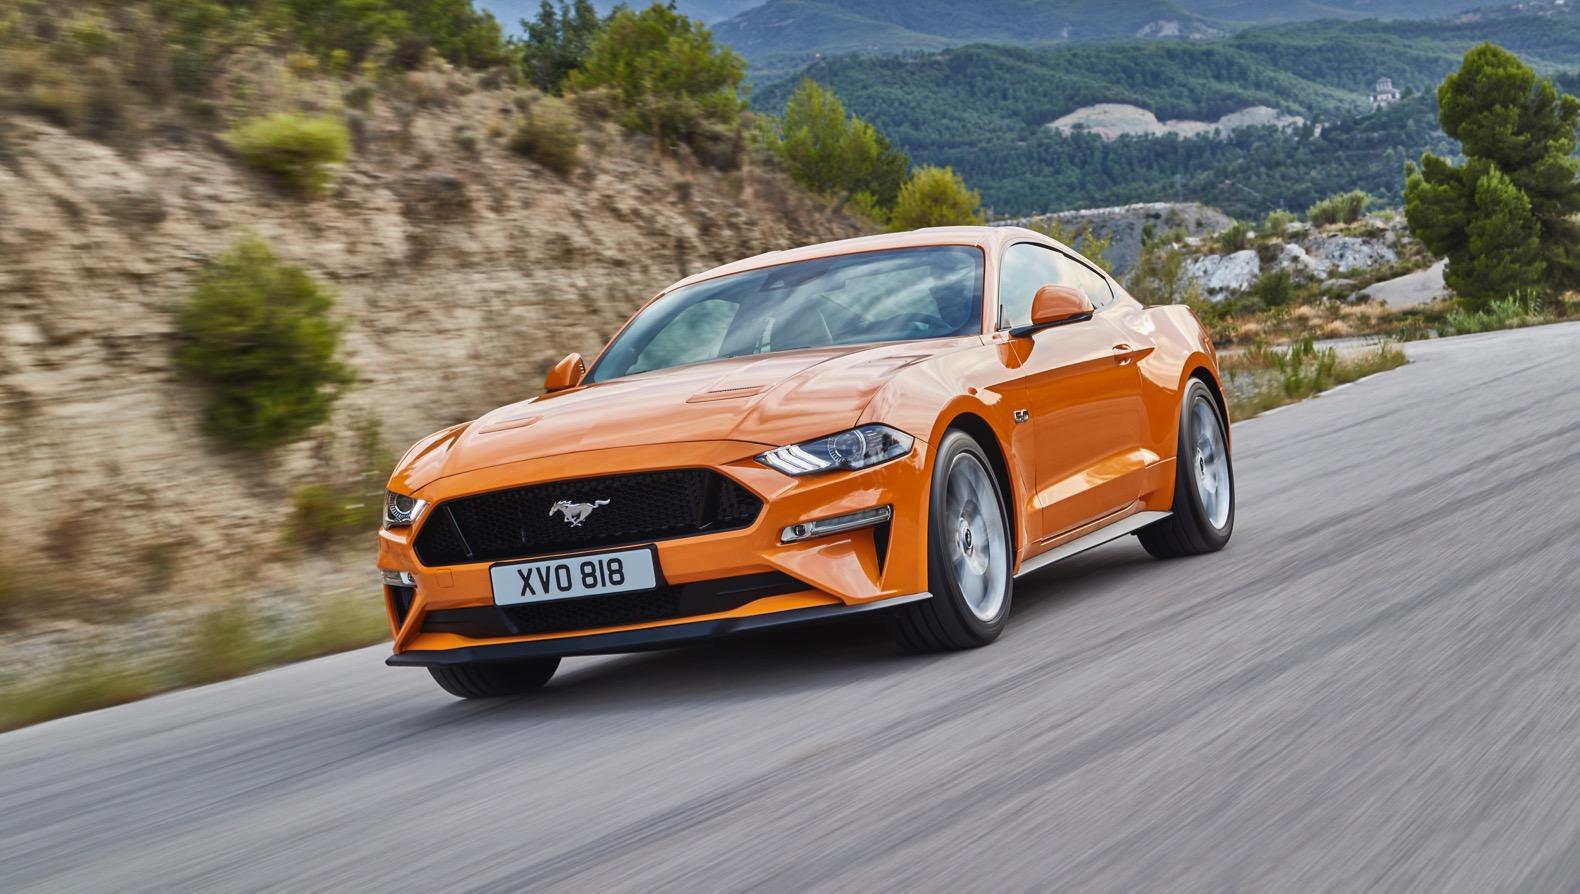 Опубликовано рекламное видео сновым Ford Mustang 2018